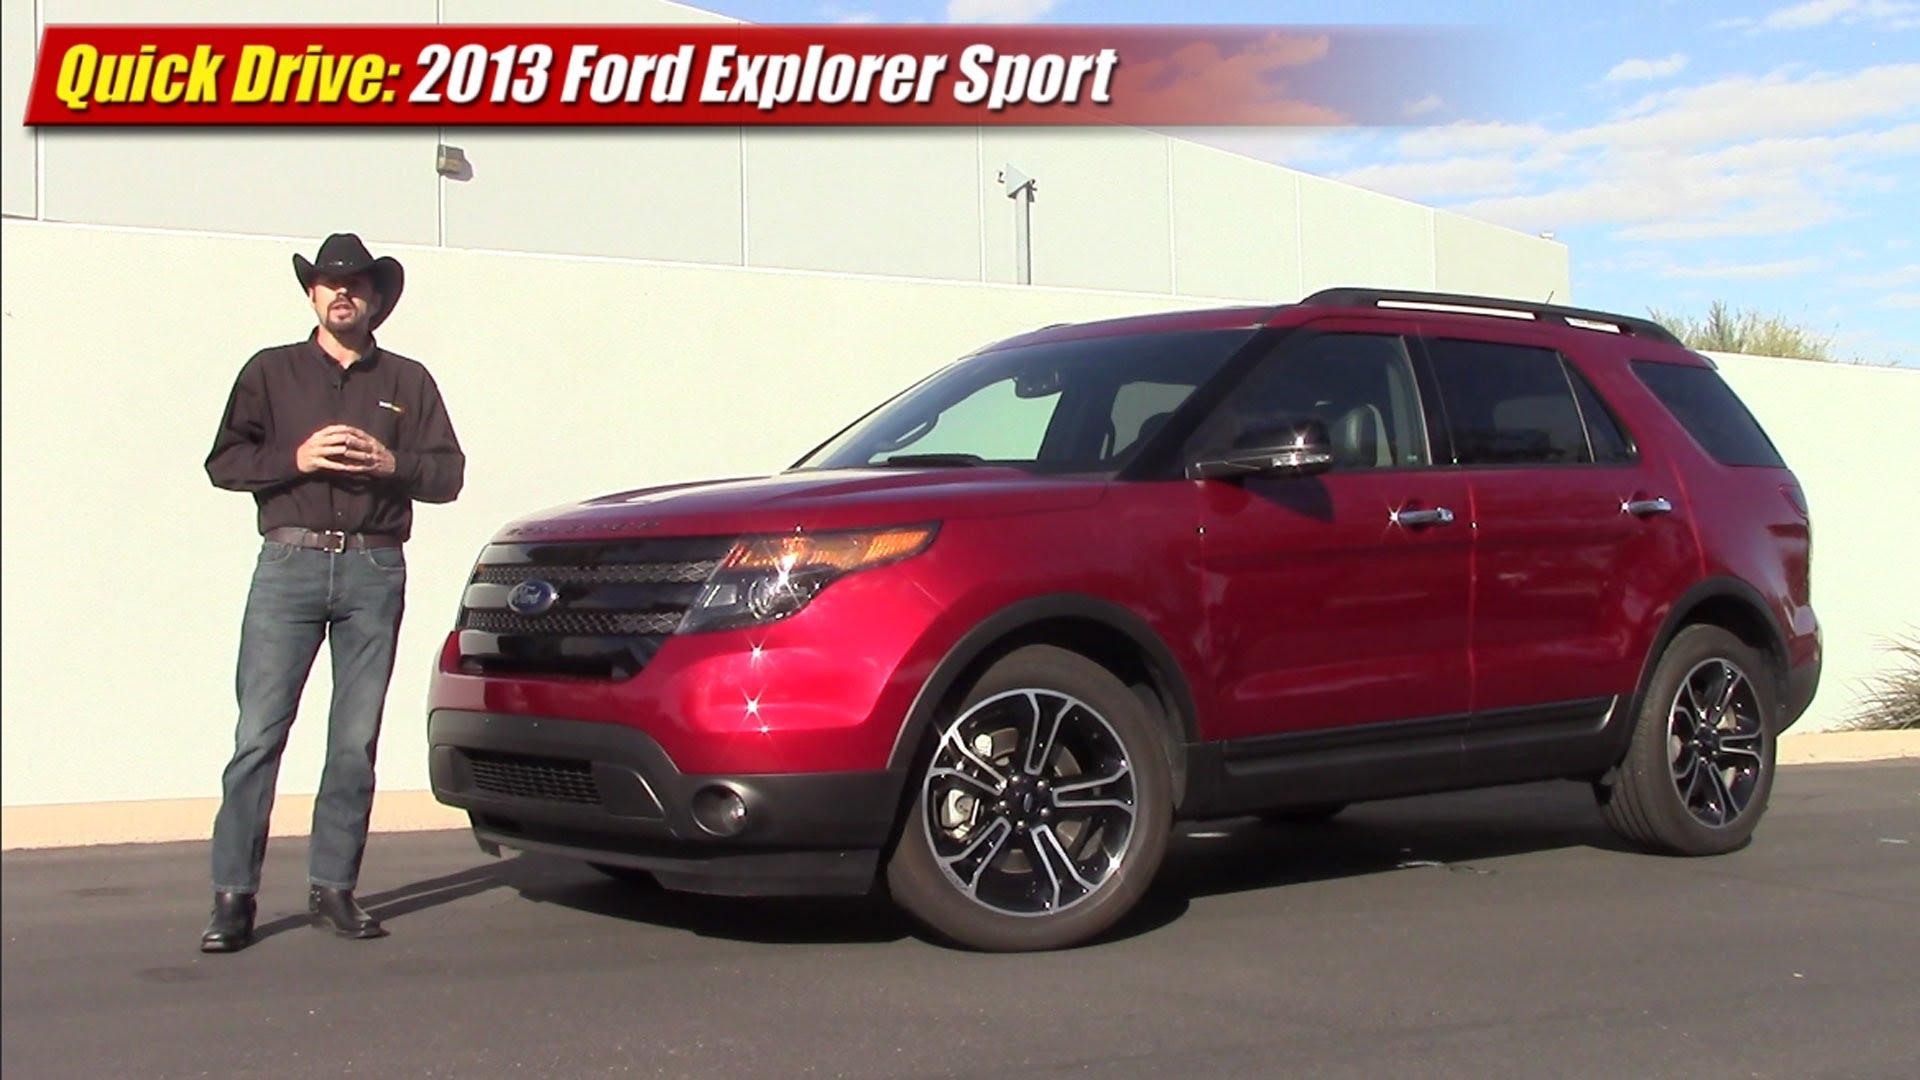 Ford Explorer Black Rims >> Quick drive: 2013 Ford Explorer Sport - TestDriven.TV